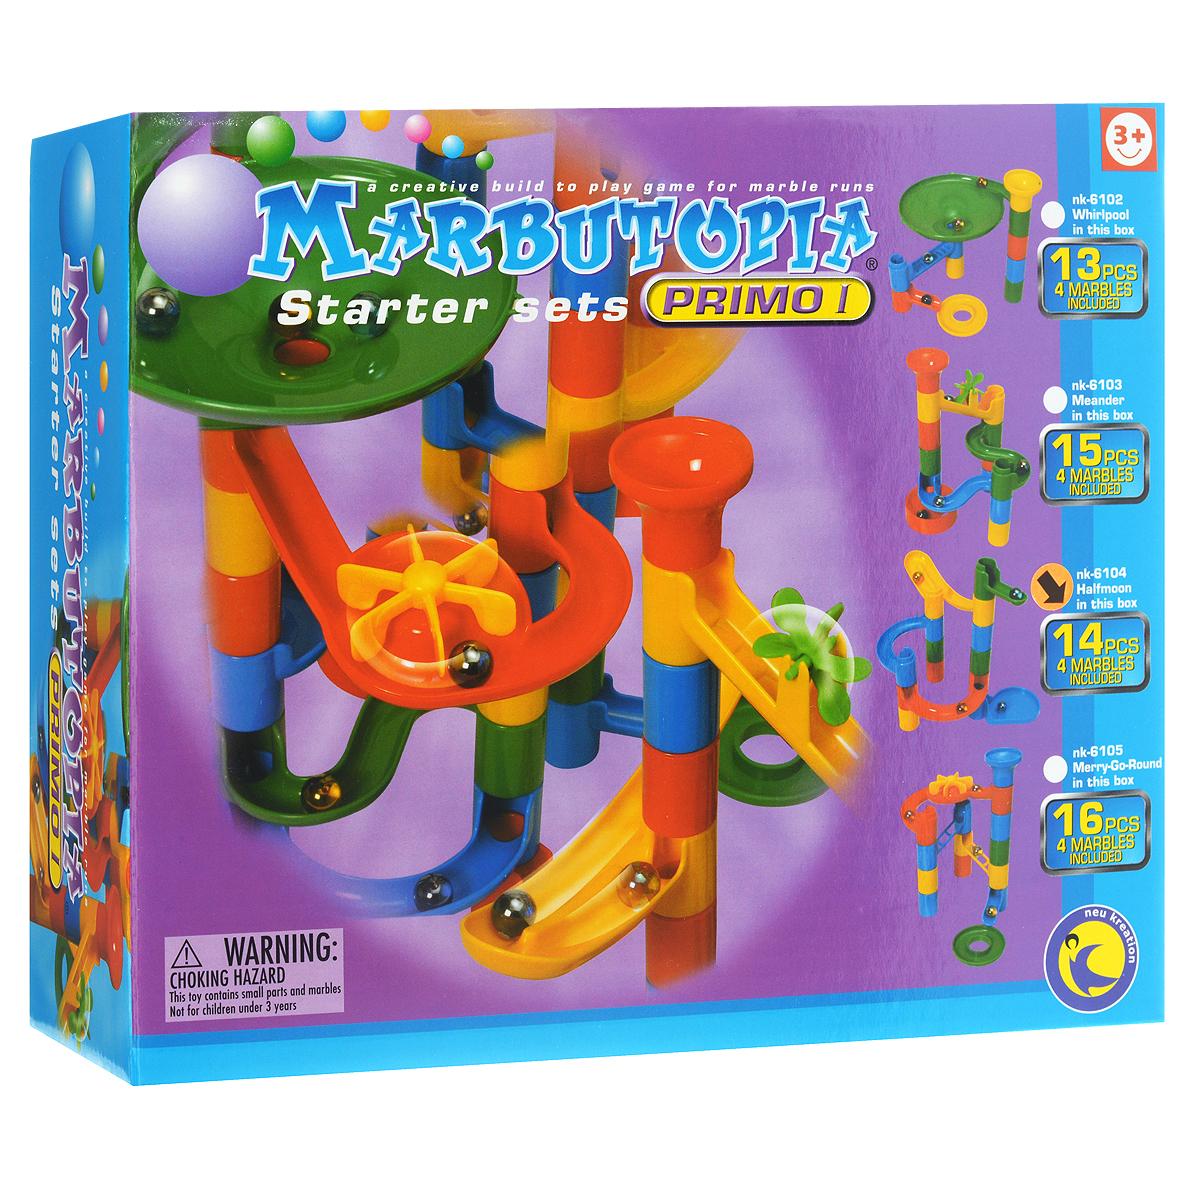 """Конструктор Marbutopia """"Полумесяц"""" - первый шаг ребенка в мир конструирования объемных лабиринтов. В данном комплекте имеются разноцветные пластиковые детали: желобки, круговые дорожки, """"петля"""", вертикальные трубки, 4 стеклянных шарика-хамелеона и другие. Основная задача - построить горку так, чтобы шарик не застревал, а скатывался вниз по дорожкам и виражам. Особенность конструктора заключается в том, что он позволяет ребенку строить бесконечные забавные лабиринты руководствуясь своей фантазией или по прилагаемой инструкции (2 варианта сборки лабиринта). Конструирование лабиринтов полезно для развития пространственного мышления и воображения. Также развивает координацию, моторику, концентрацию, планирование, стратегию, понятие причины и следствия. Раннее развитие этих навыков, как известно, существенно увеличивает академические и интеллектуальные способности ребенка. Набор """"Полумесяц"""" совместим с другими наборами серии """"Primo"""" благодаря чему вы всегда можете..."""